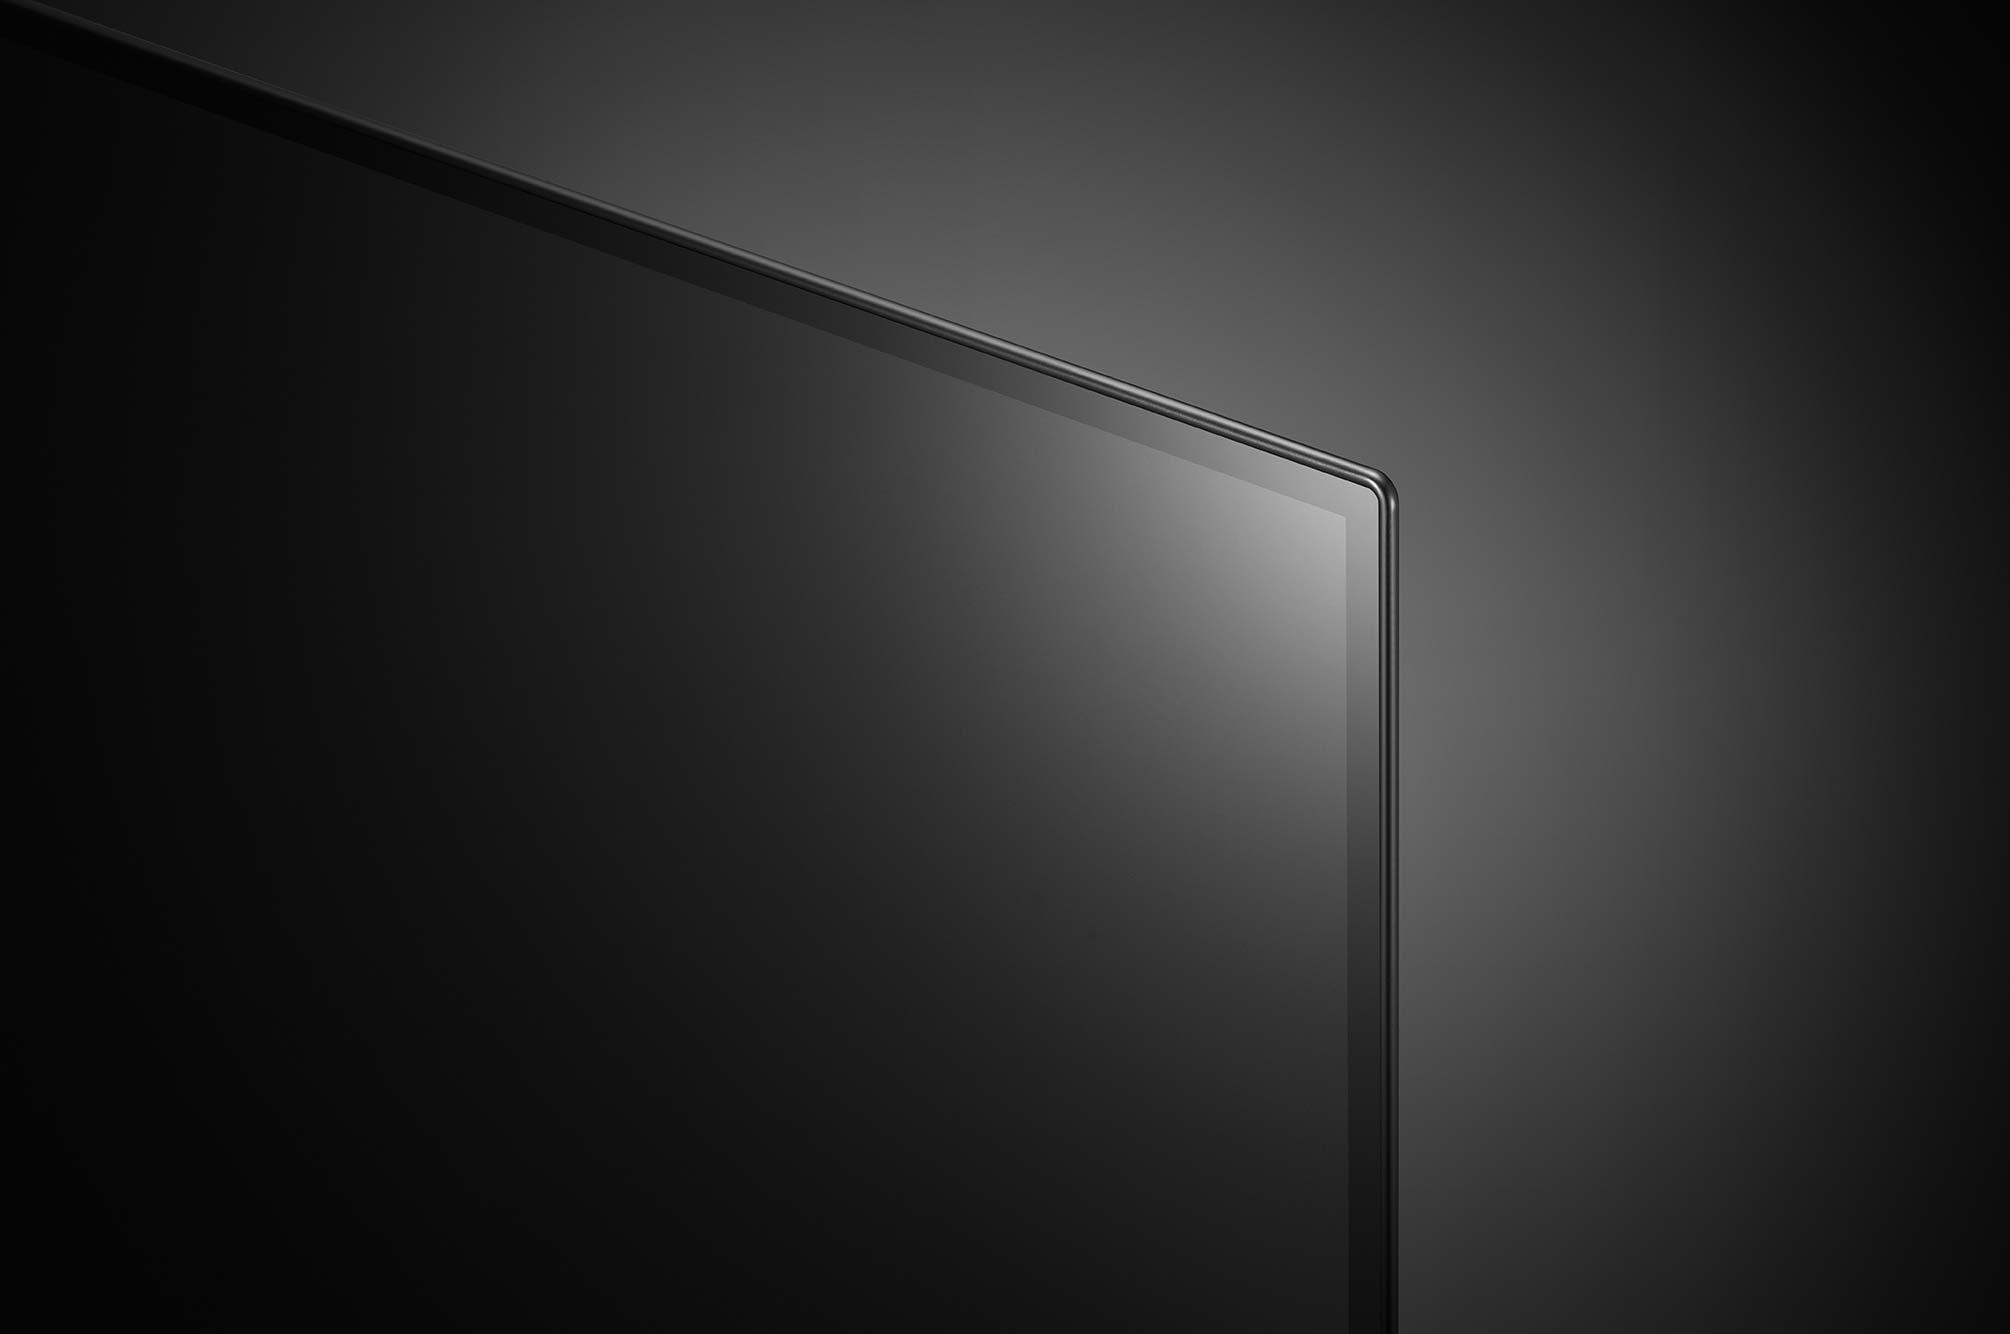 טלוויזיה 55 אינץ' דגם OLED 55B16LA/PVA  בטכנולוגיית LG OLED 4K Ultra HD אל ג'י - תמונה 9